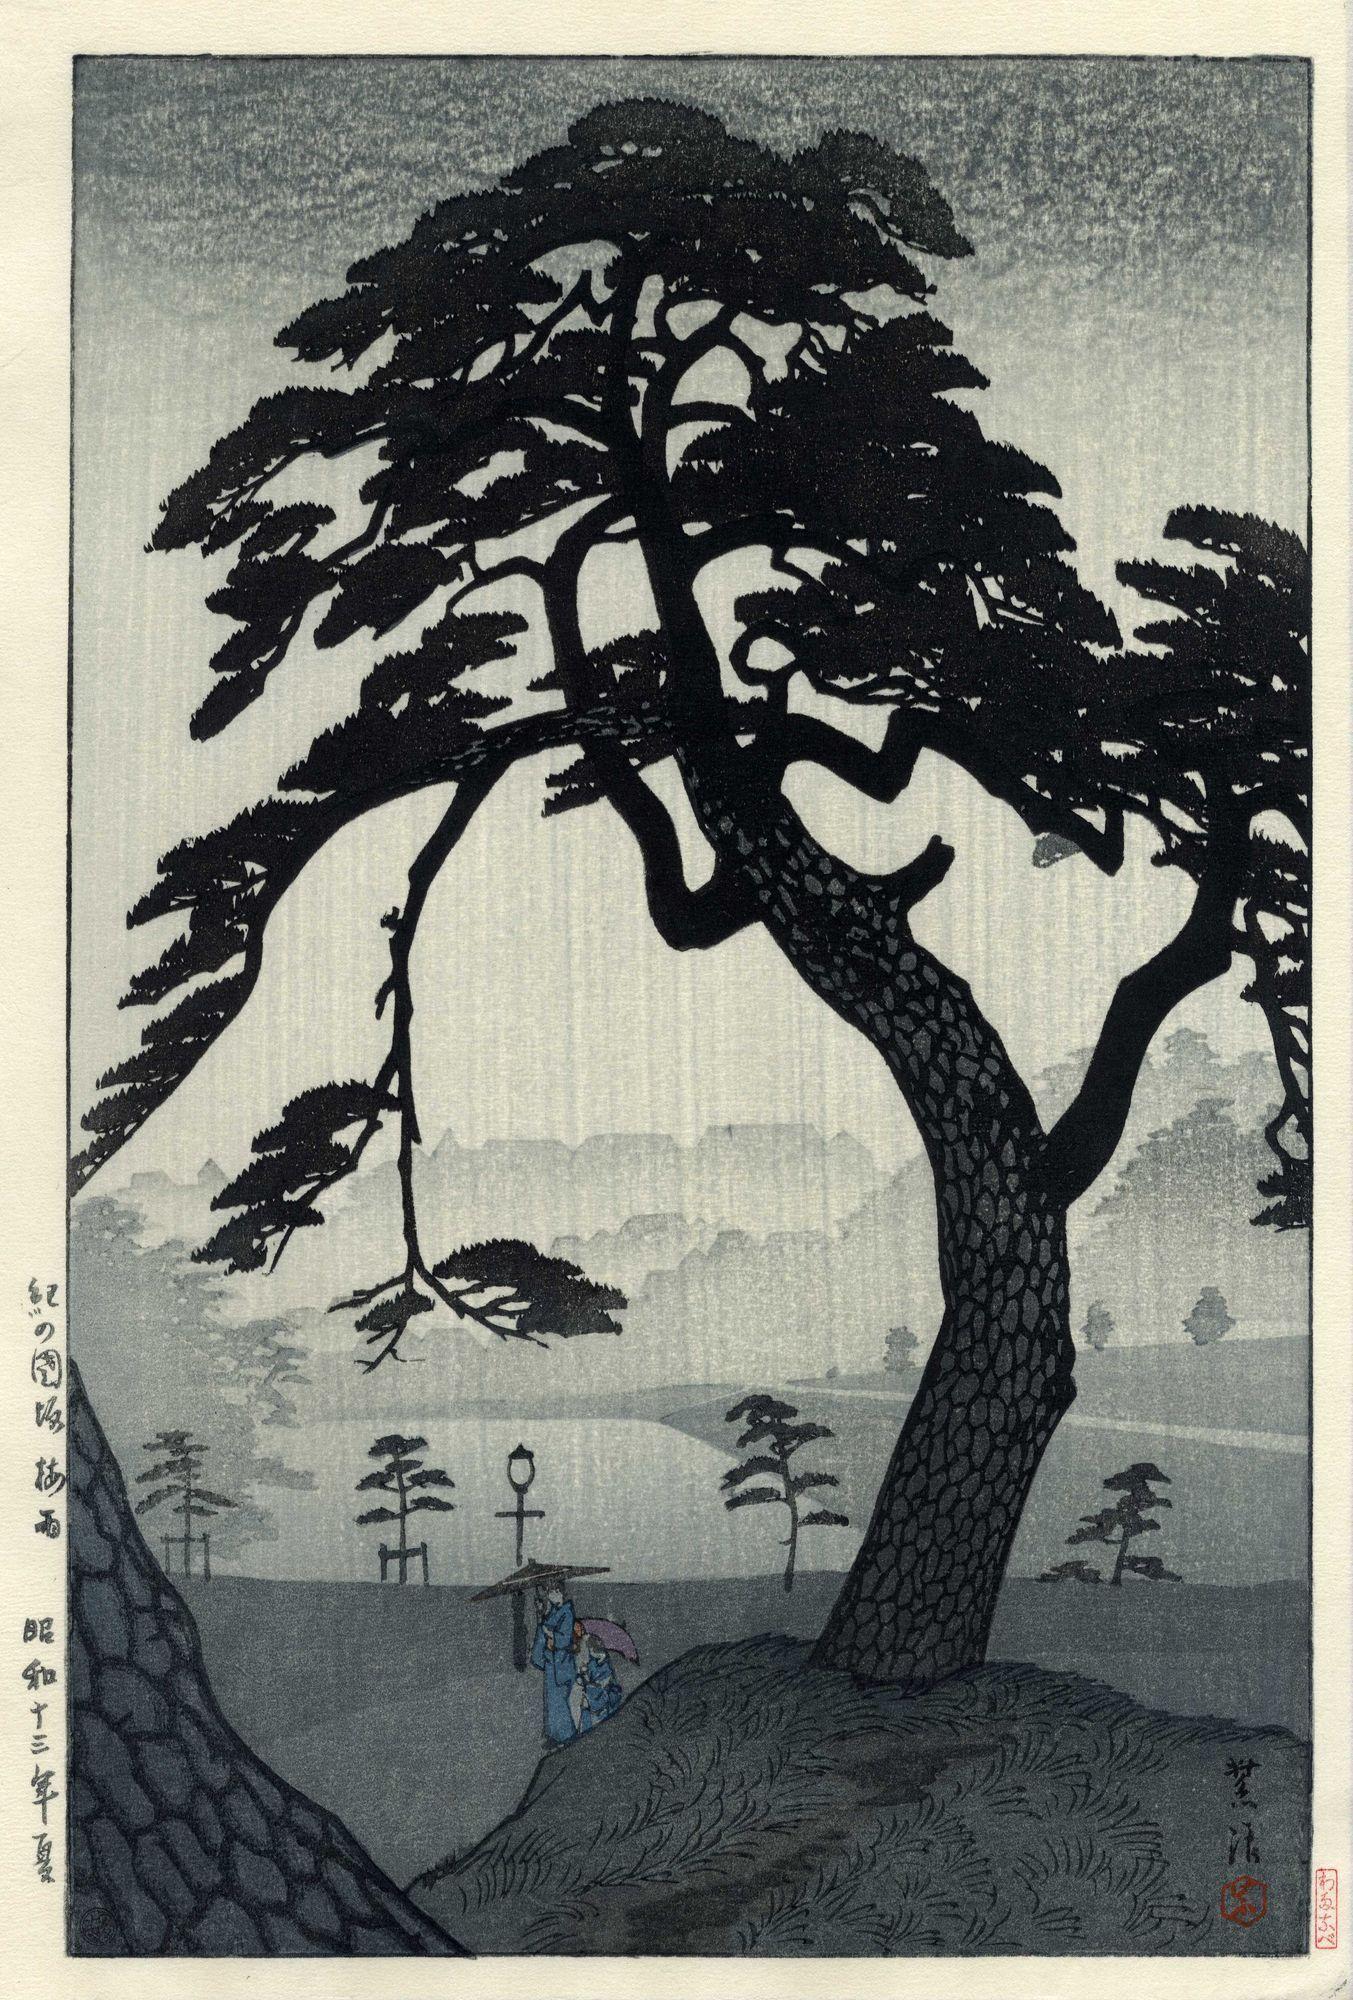 Shiro kasamatsu dessins encre de chine peinture japonaise peintre japonais et art japonais - Dessin arbre japonais ...